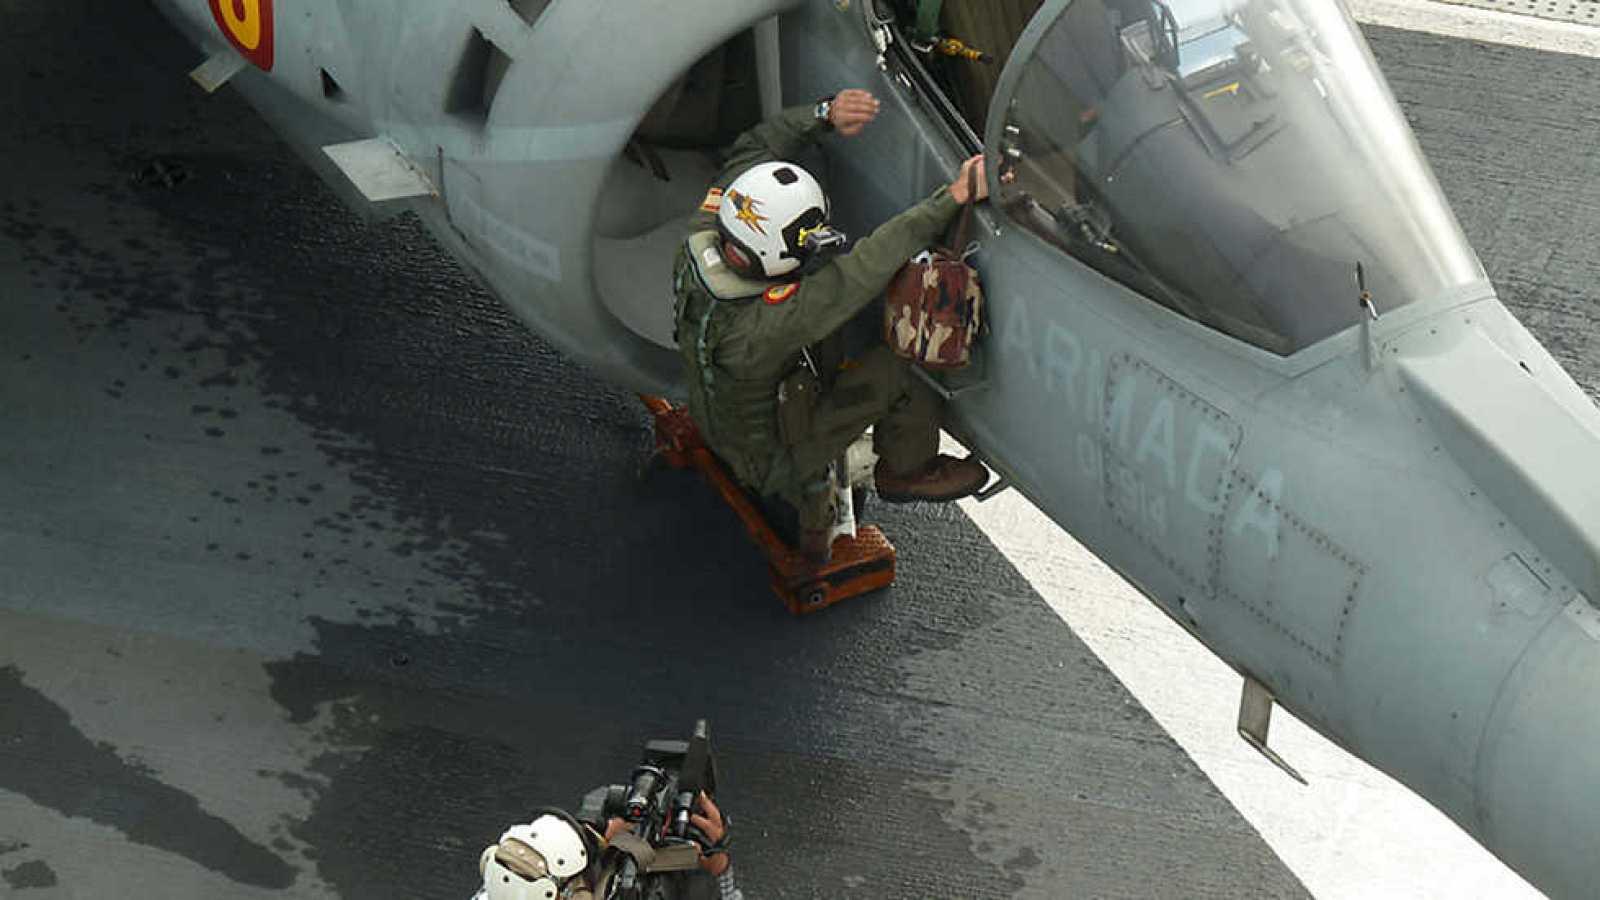 Para todos los públicos Crónicas - La fuerza de la OTAN - ver ahora  reproducir video 0f651d249f4